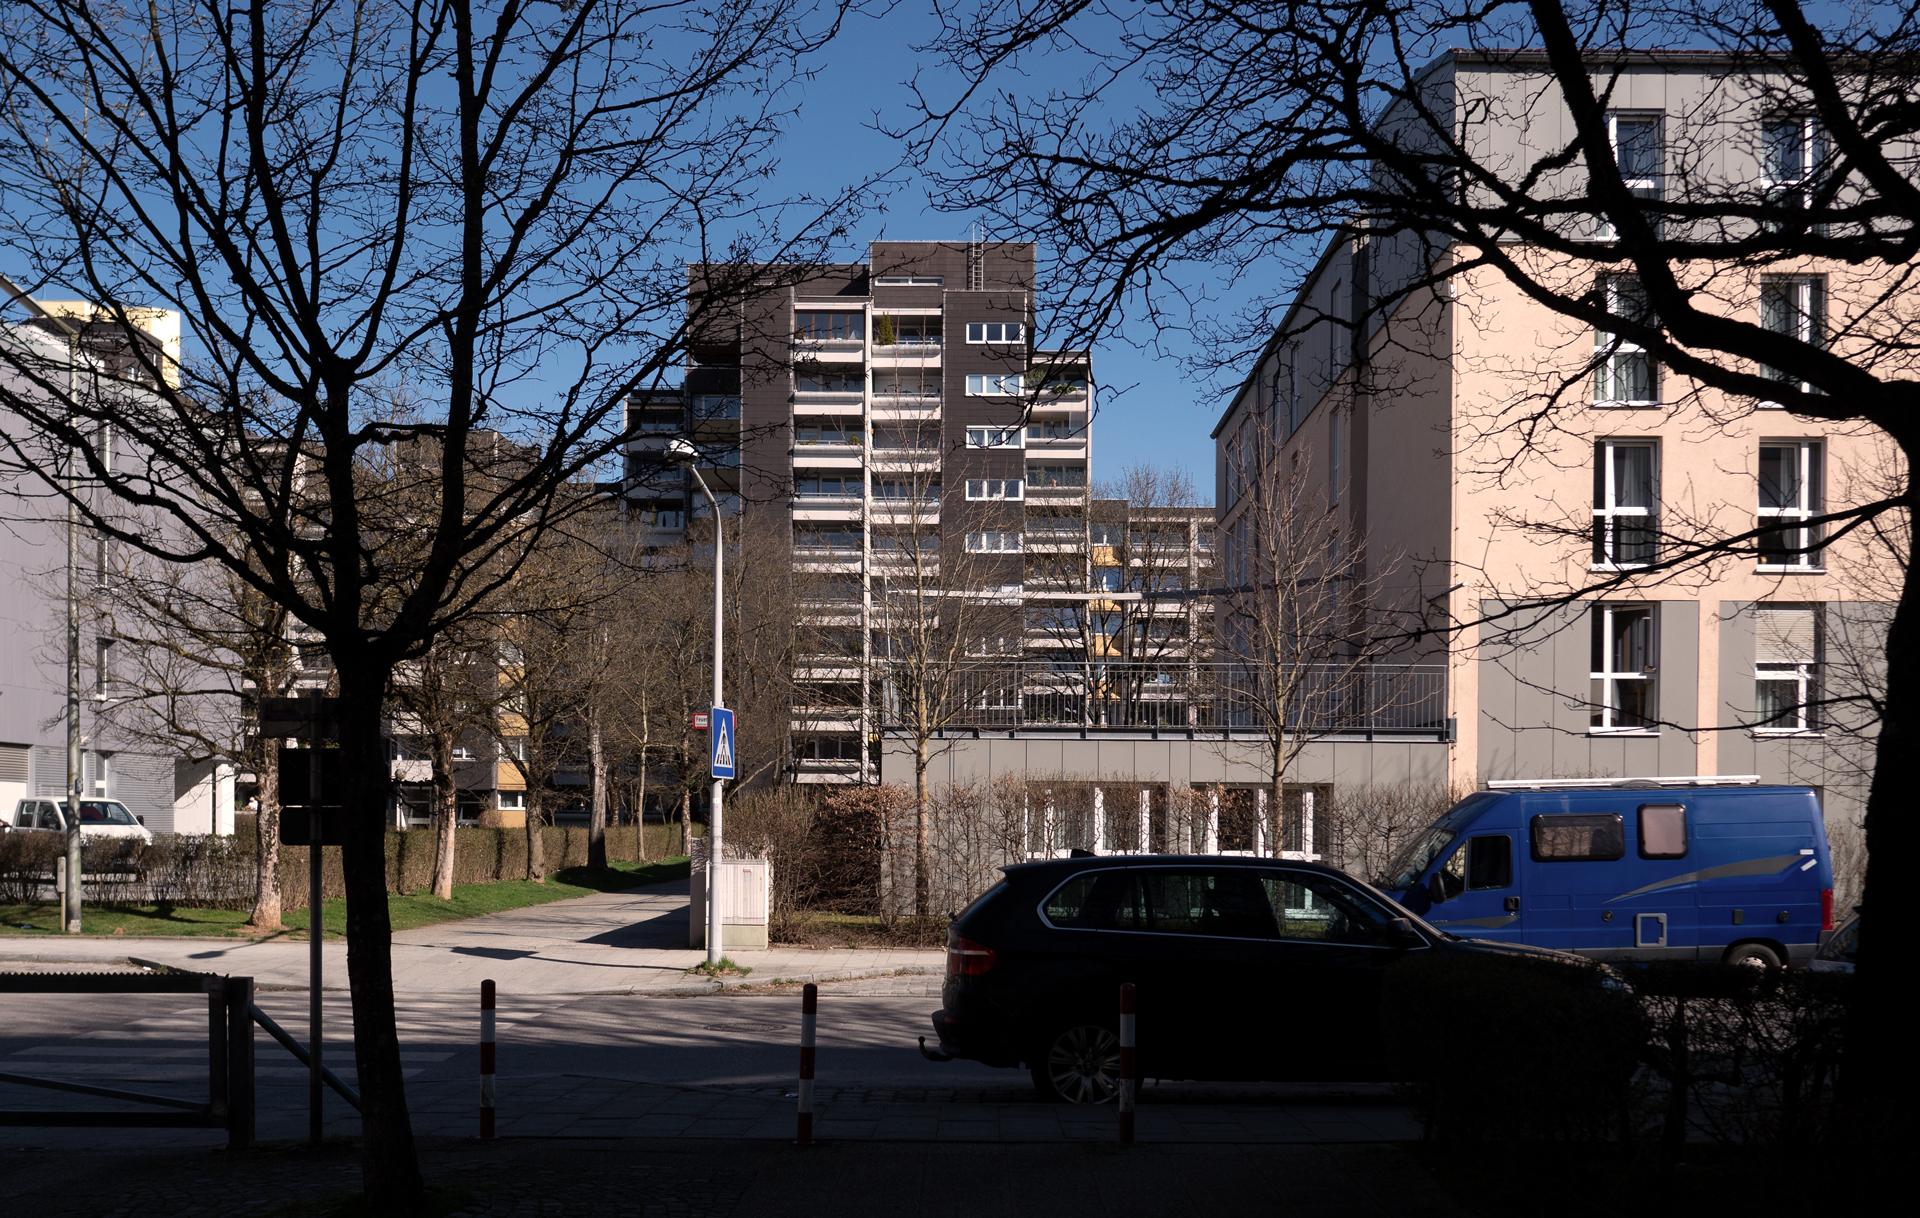 Terrasse des Pflegeheim Phönix in Neuperlach am Karl-Marx-Ring.                                  Vom Haus dahinter hat Irlbeck heimlich einen Patienten fotografiert und lächerlich im Netz vorgeführt.